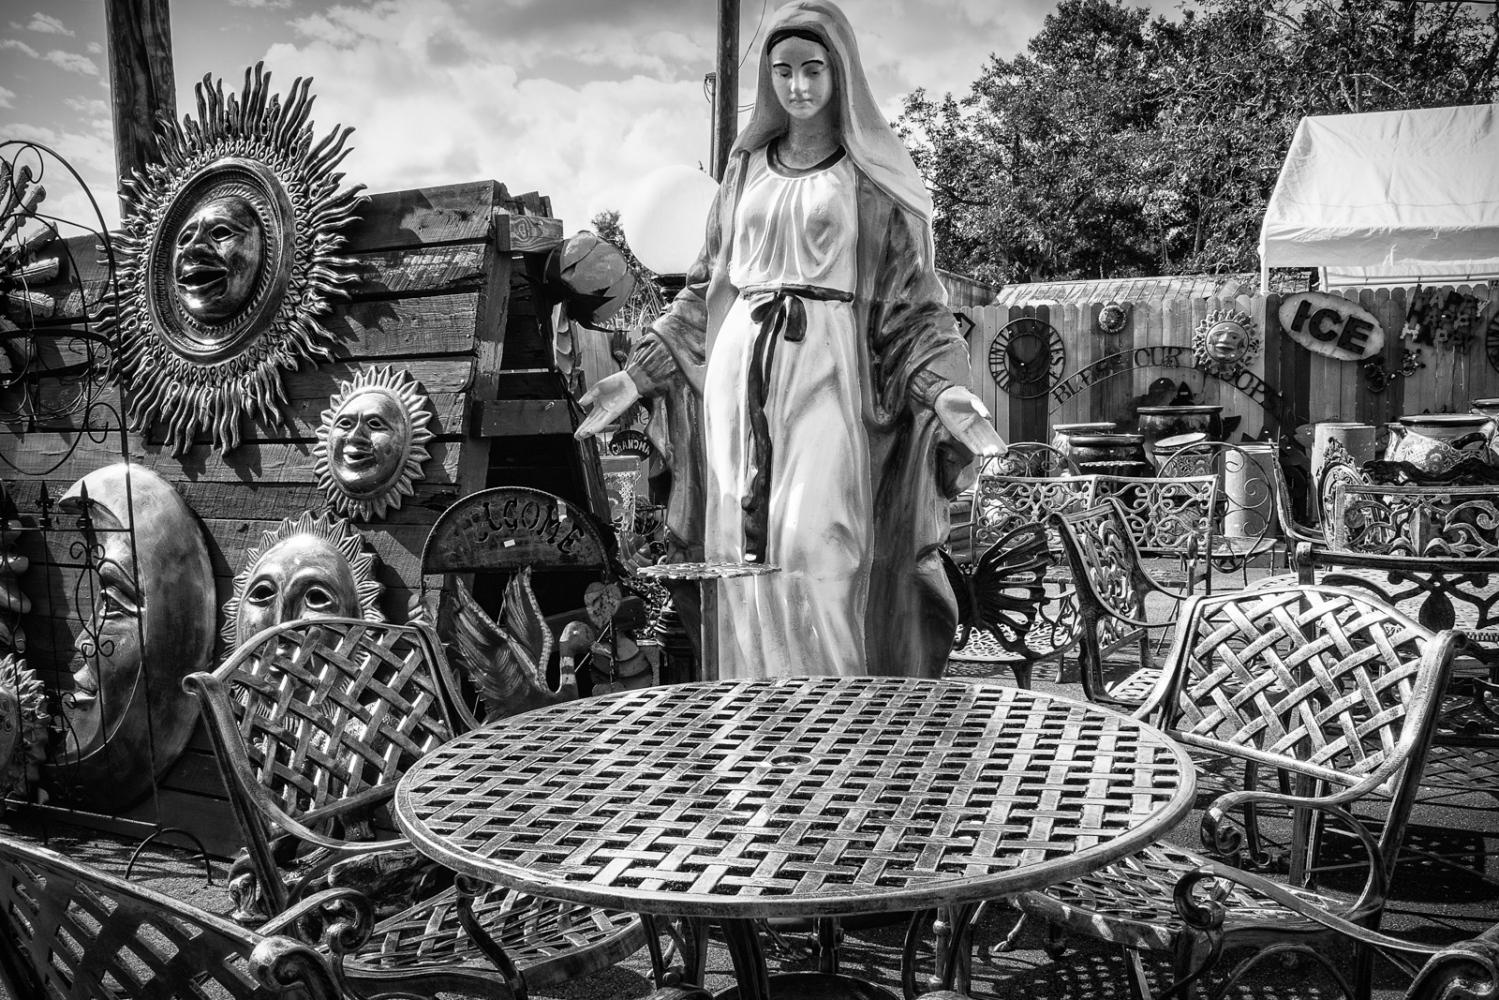 Mother Mary Yard Art Market, US 40 at SR17, Florida